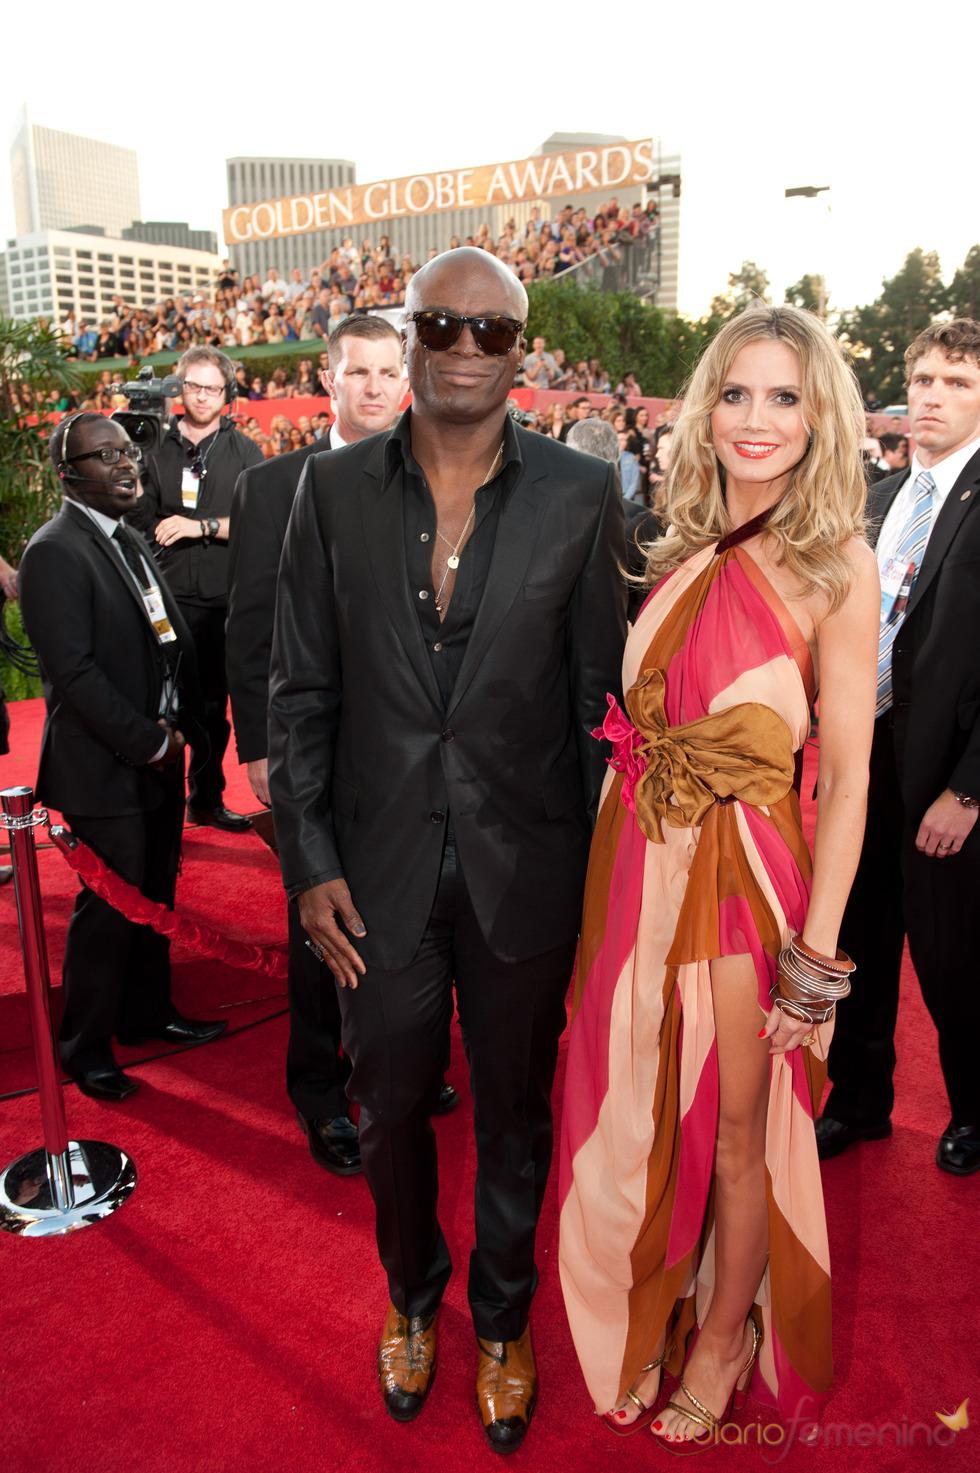 Heidi Klum y Seal en los Globos de Oro 2011